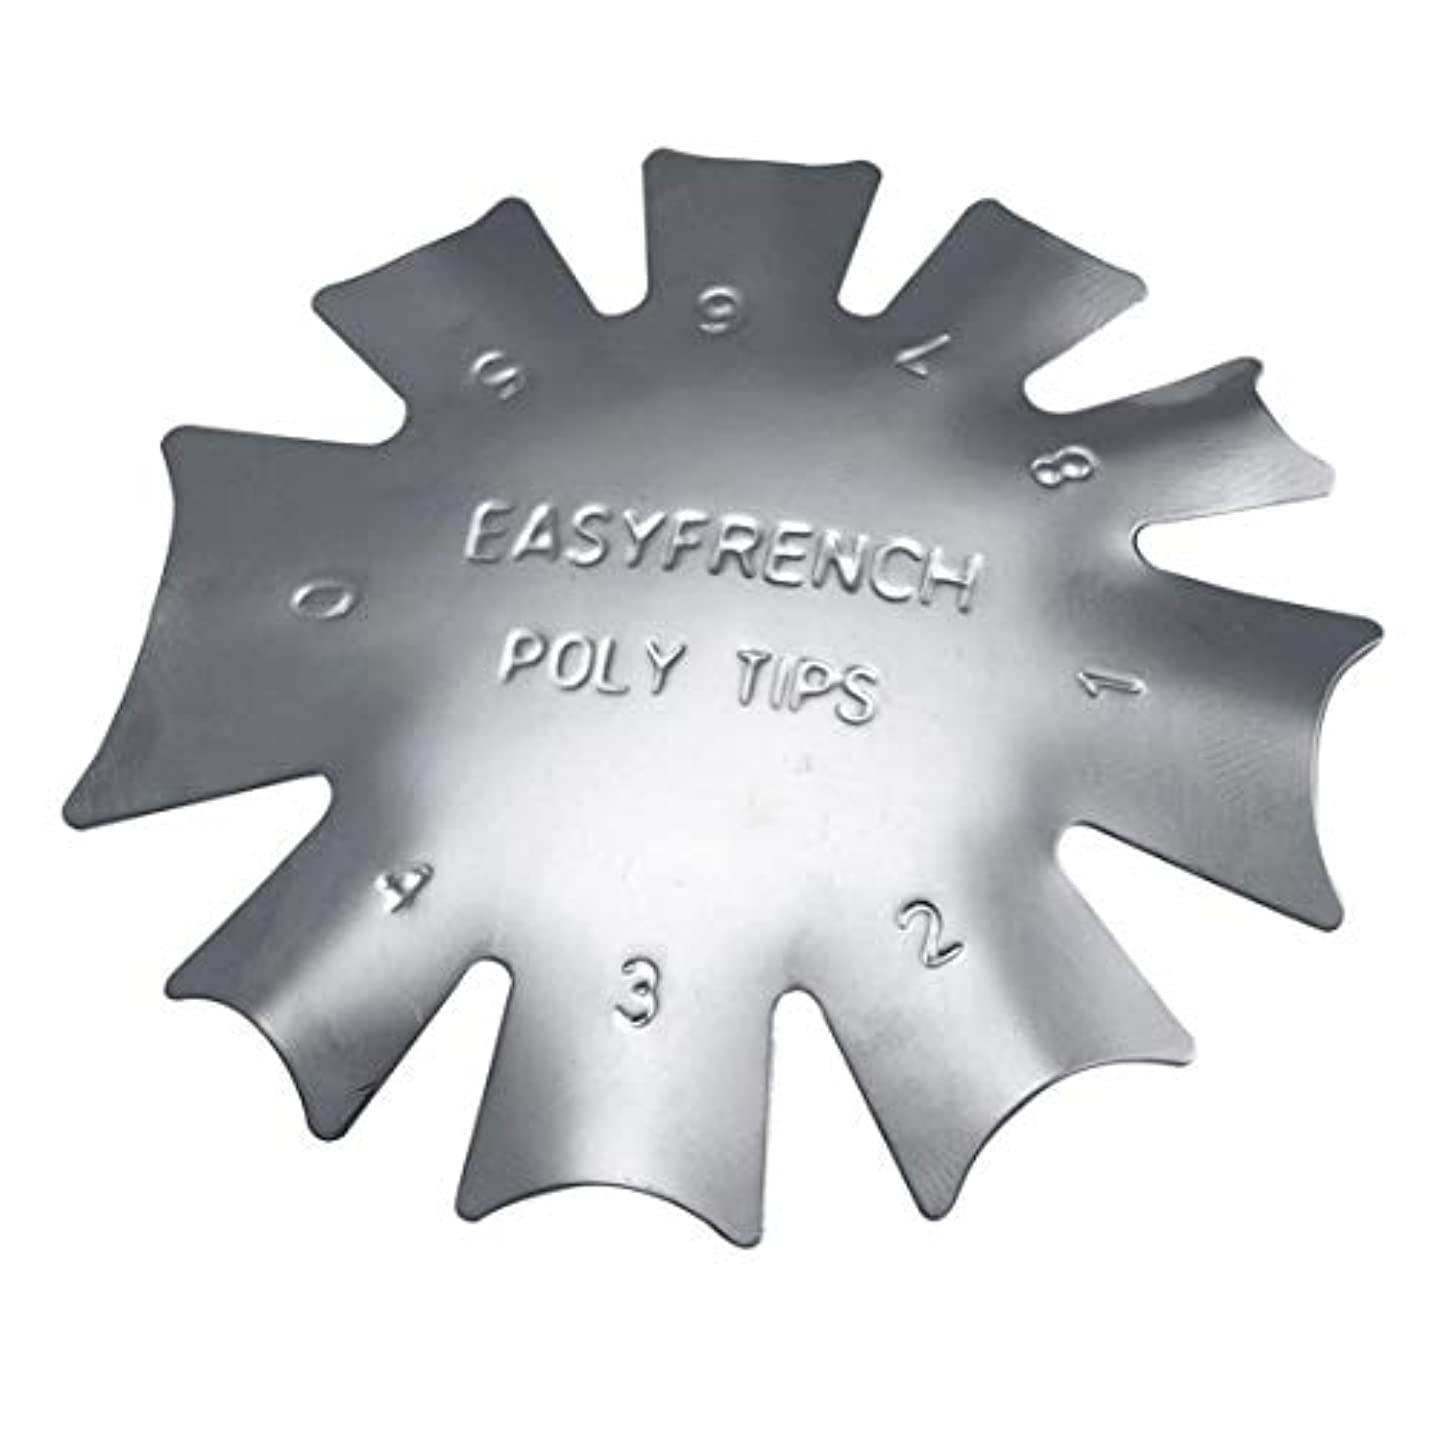 3ピース/セット丈夫な金属ステンレス鋼フレンチマニキュアモデリング整形プレートクリスタルネイル作りスタンピングプレート